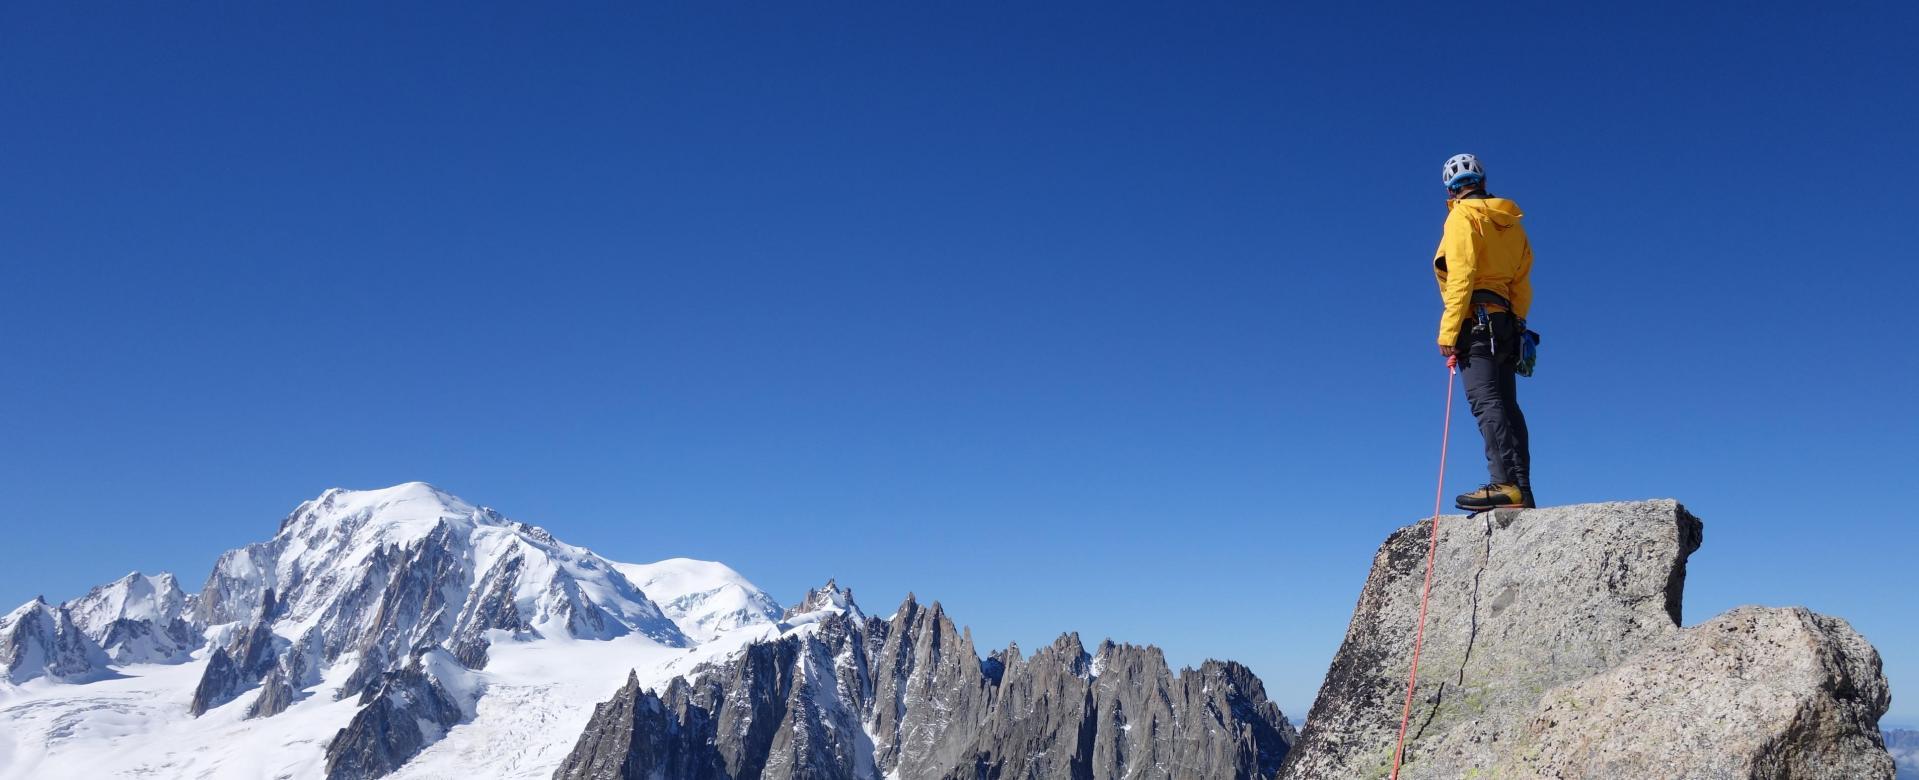 Voyage à pied : Mont Blanc : Préparation aux trekking peaks et expéditions